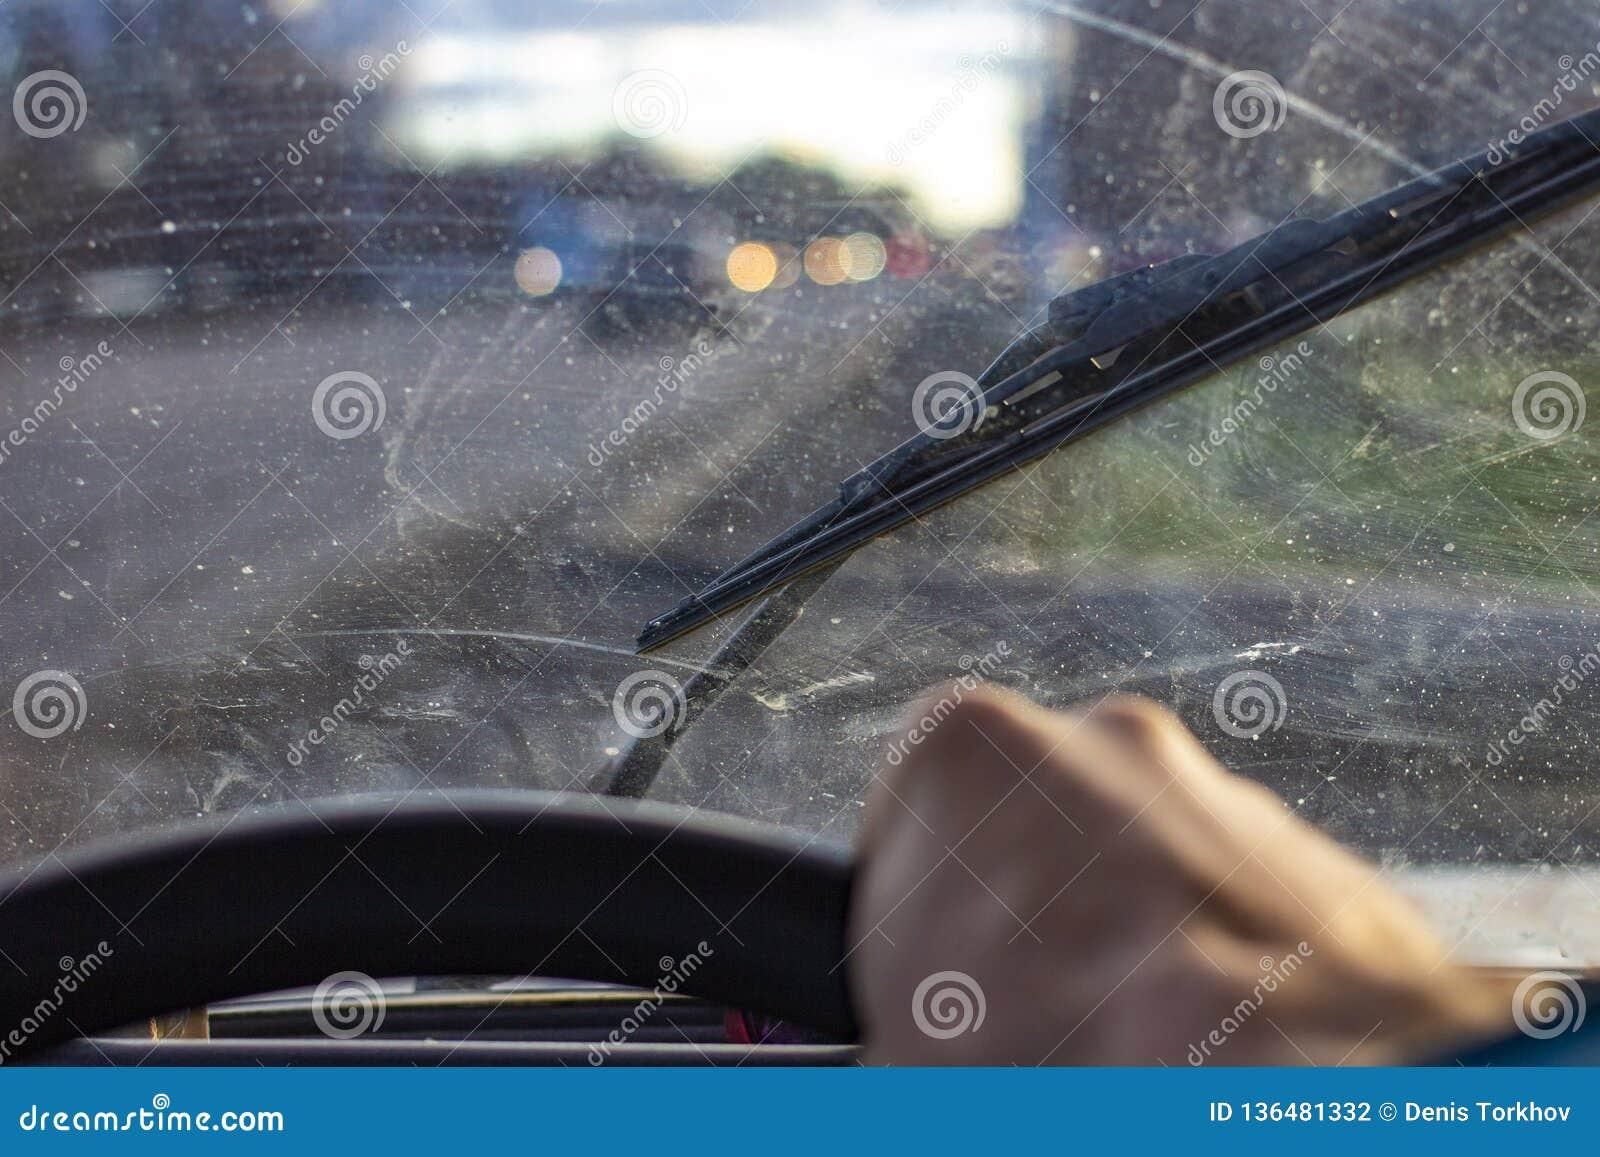 Schmutzige verkratzte Autowindschutzscheibe mit Wischer durch unscharfes Lenkrad mit der Hand des Fahrers auf unscharfem Hintergr